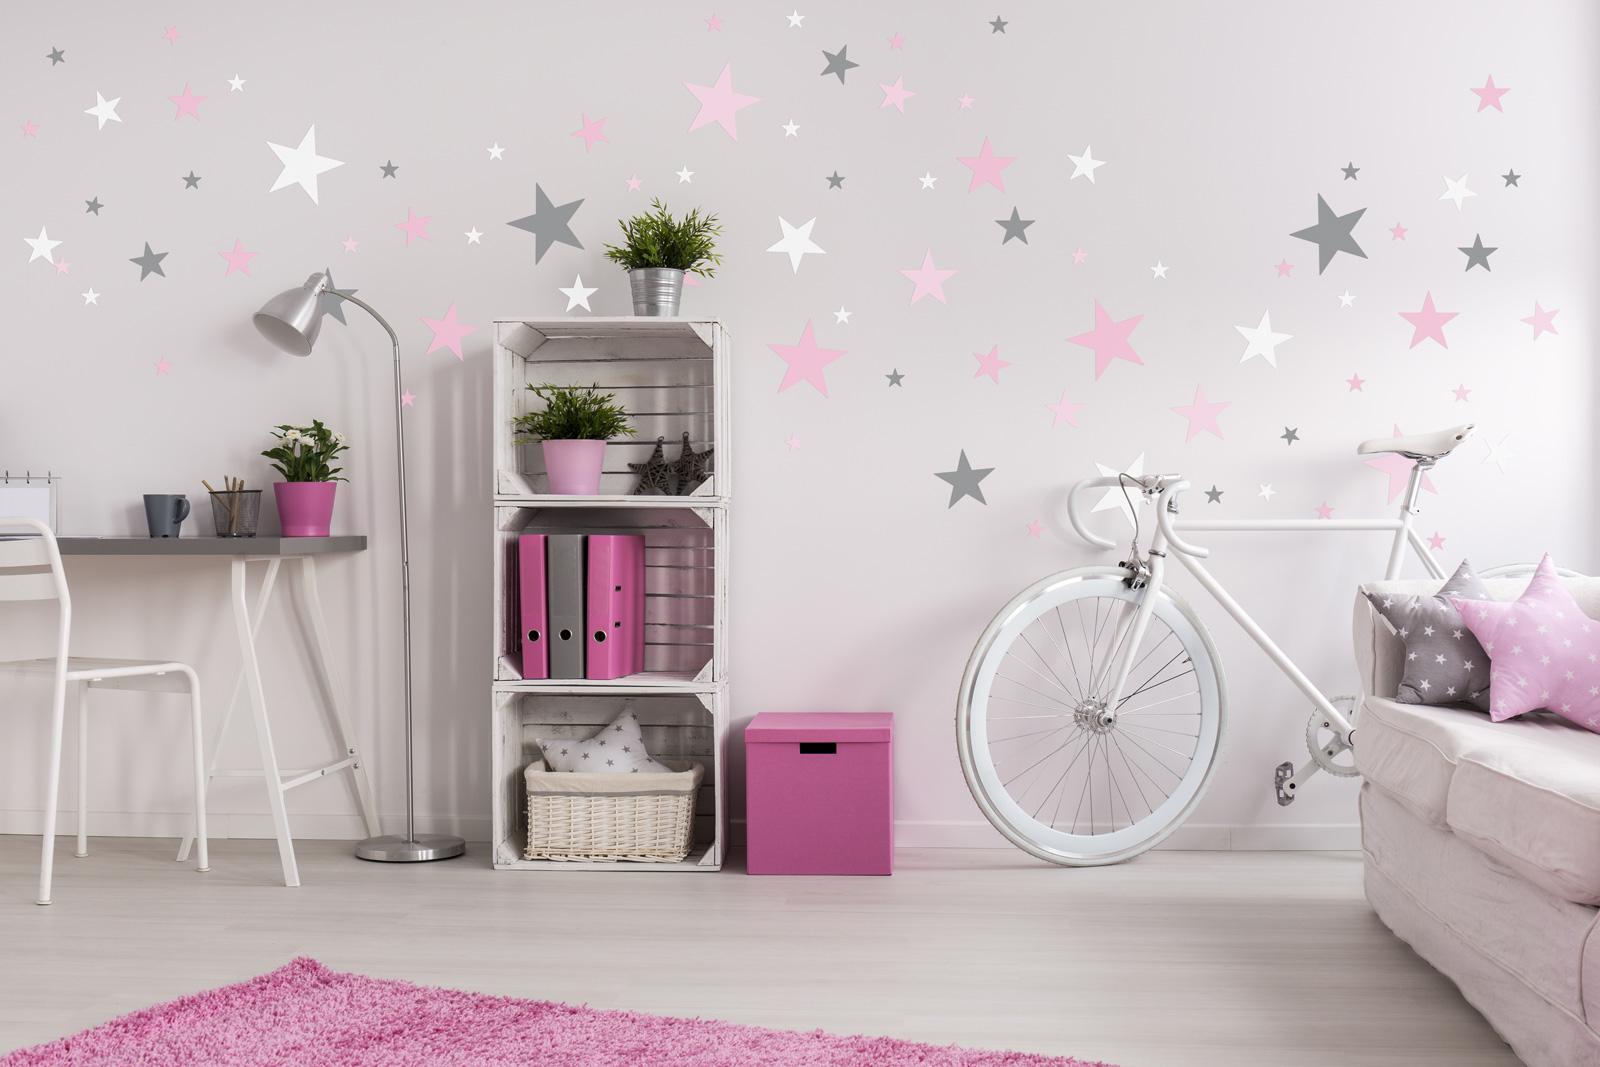 Dekorace na zeď - hvězdičky šedá/růžová